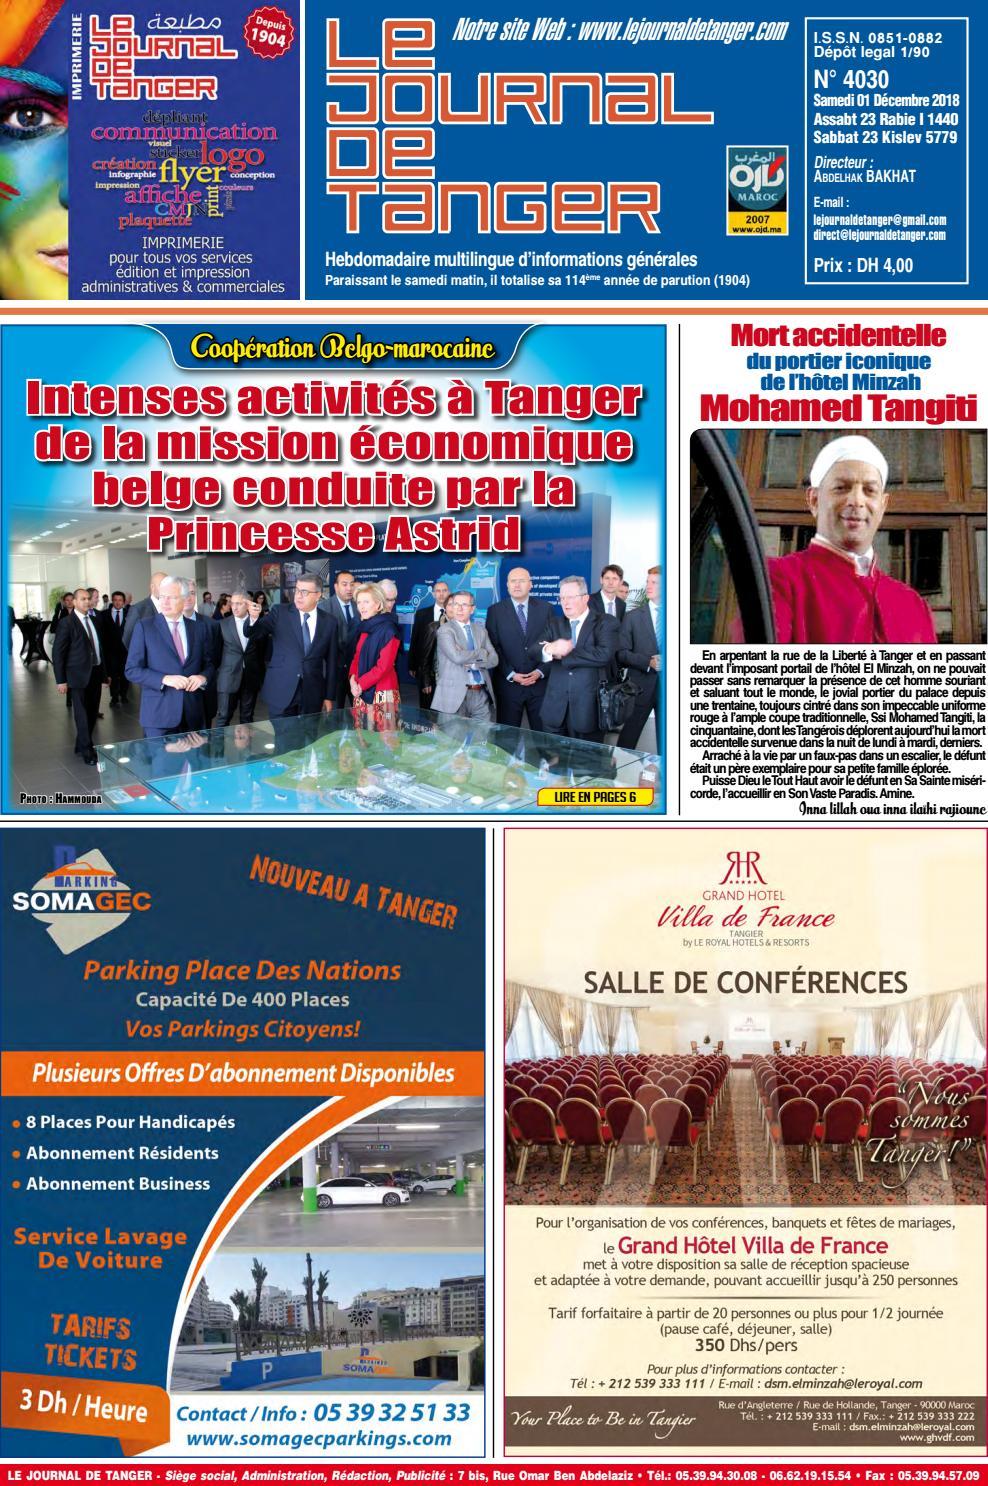 70d88b0da6a32 Le journal de Tanger 01 Décembre 2018 by Le Journal de Tanger - issuu